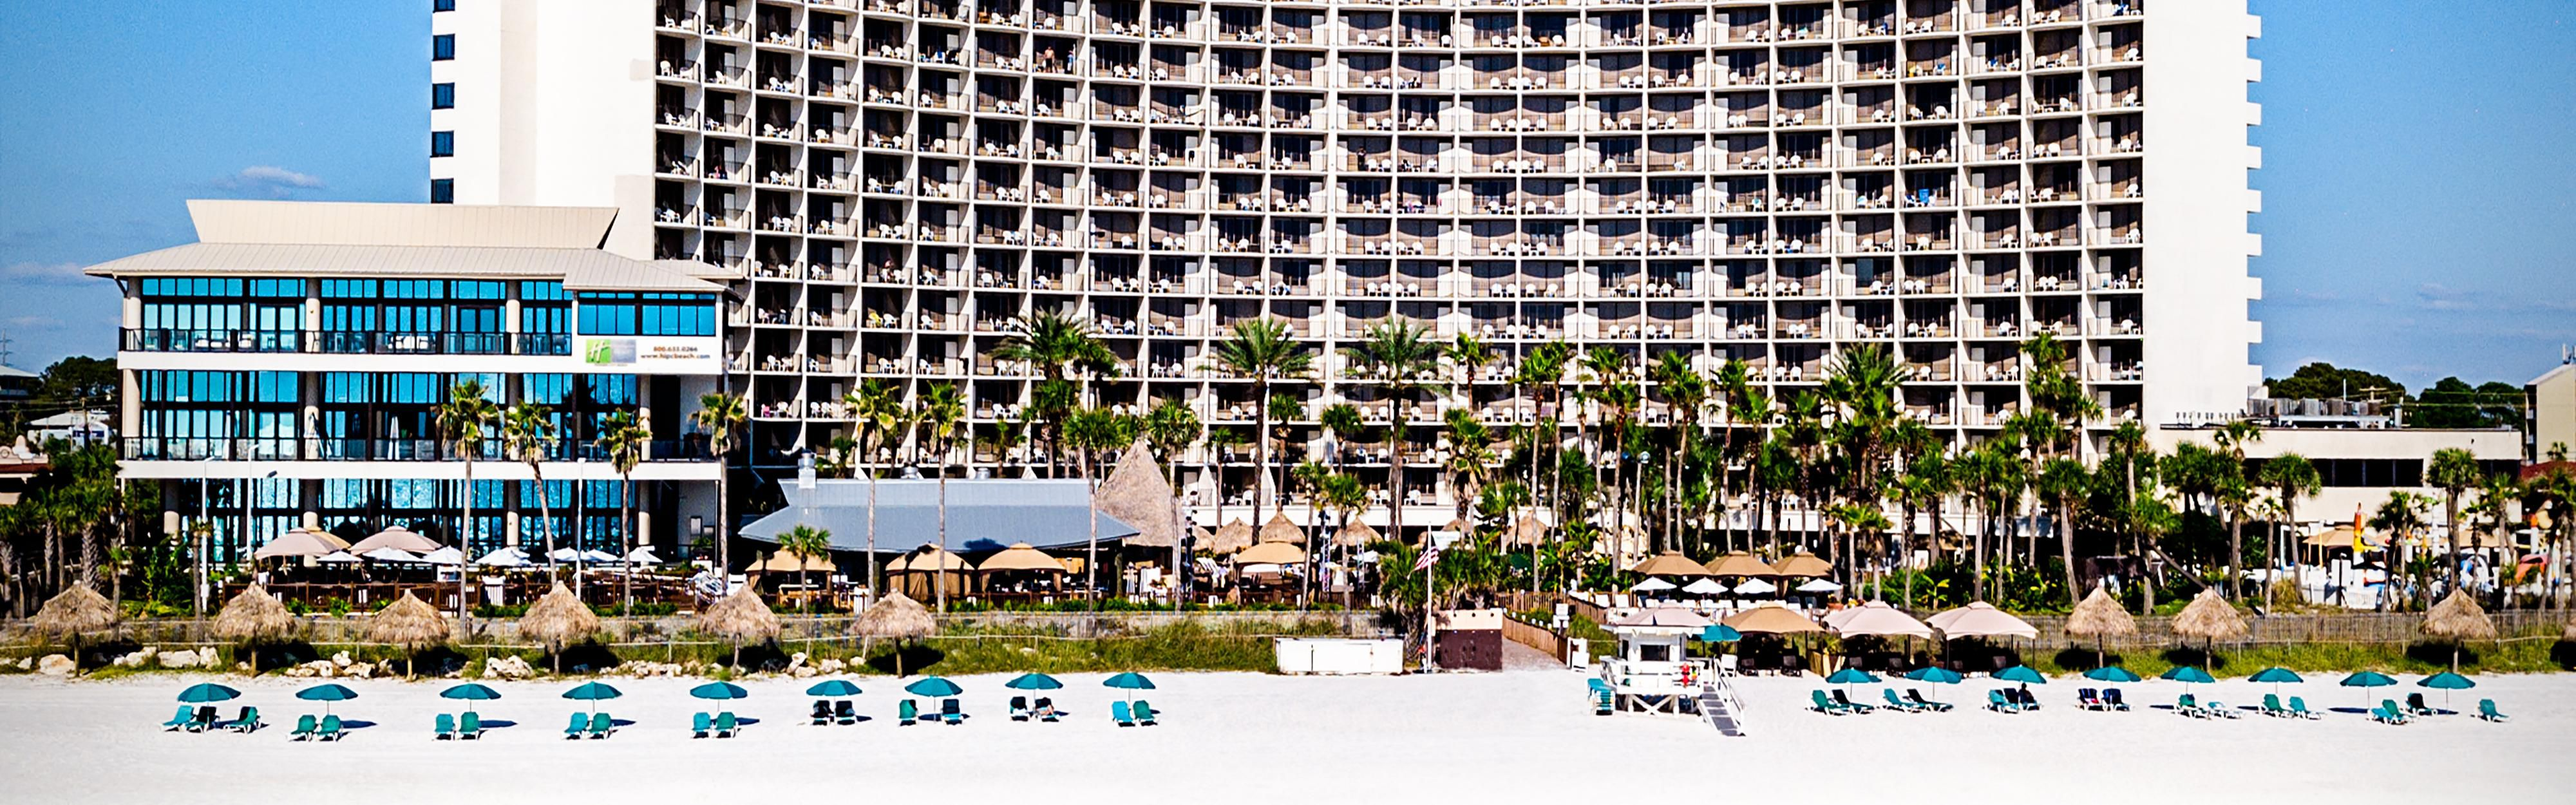 Panama City Beach Express Taxi